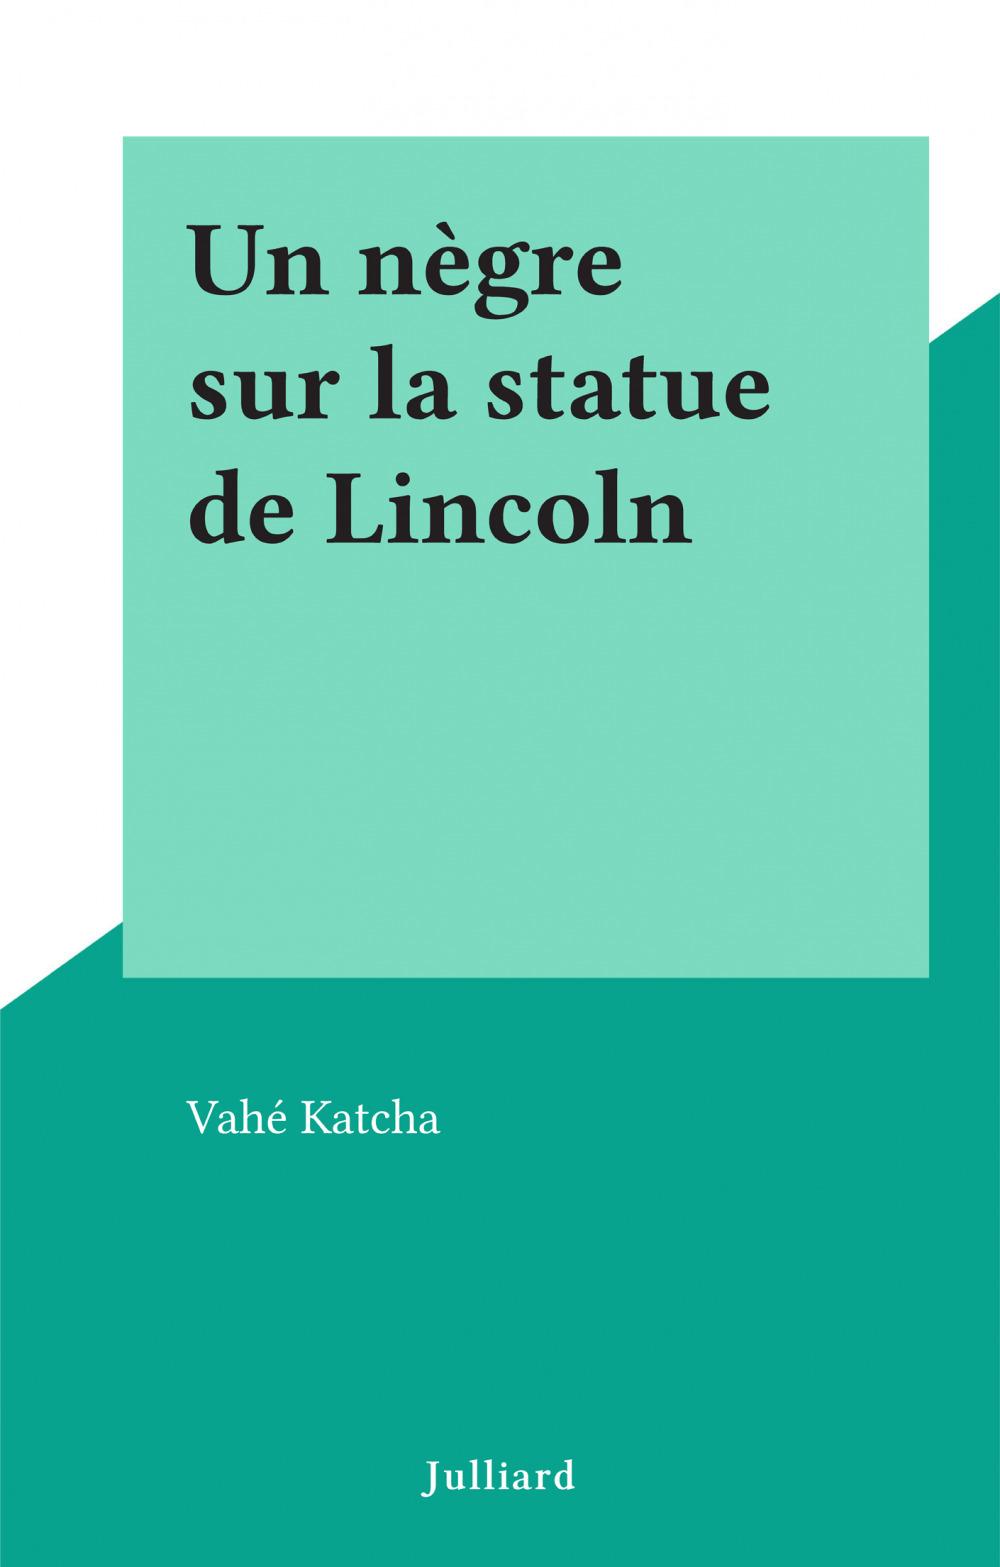 Un nègre sur la statue de Lincoln